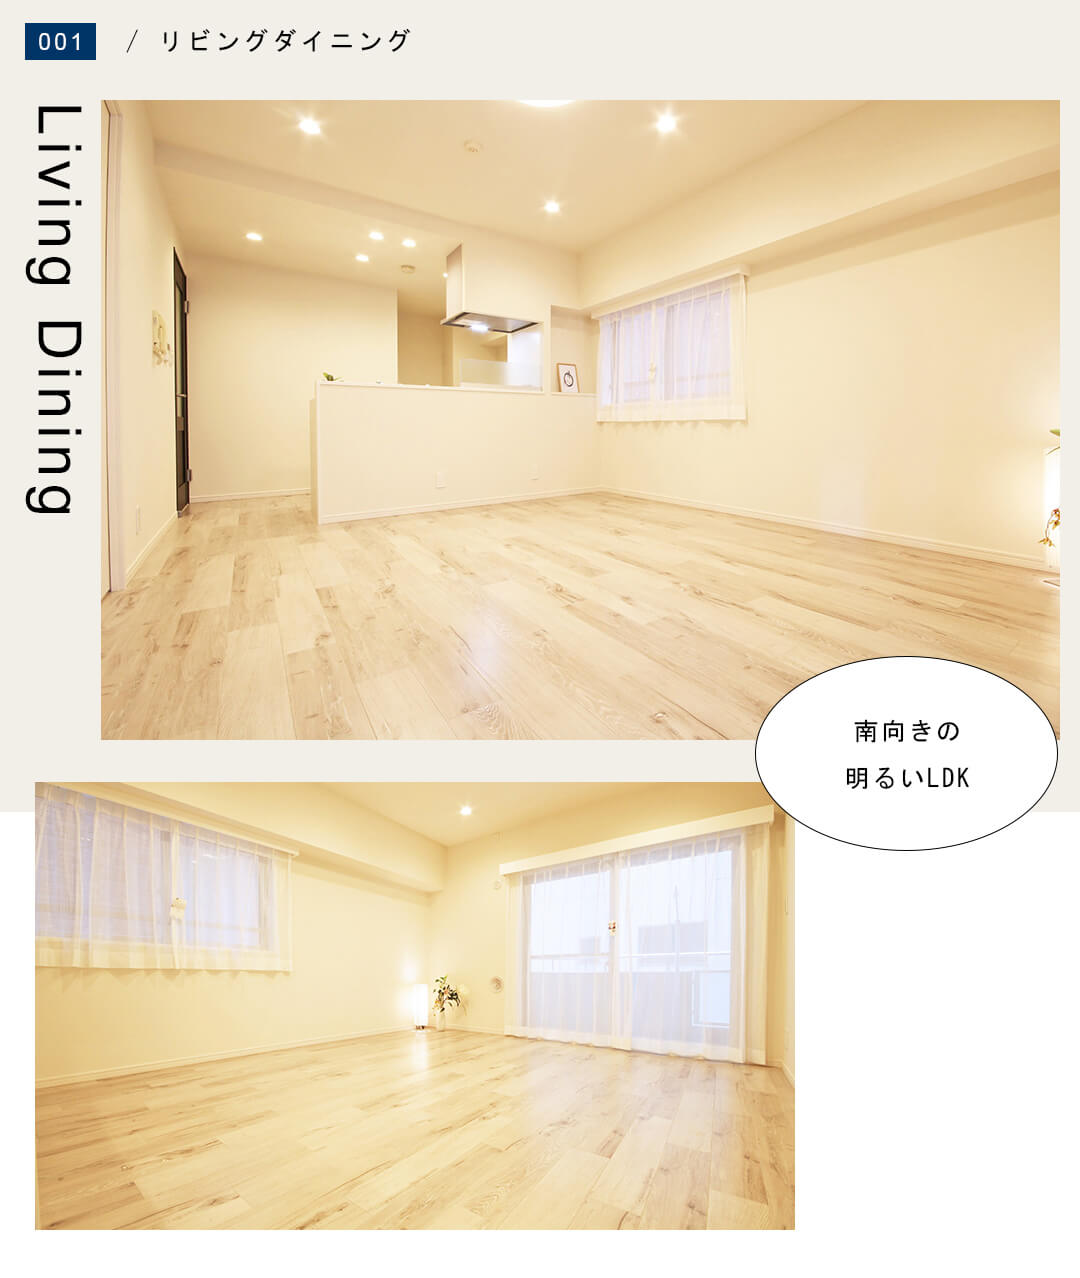 菱和パレス錦糸町 203号室のリビングダイニングキッチン